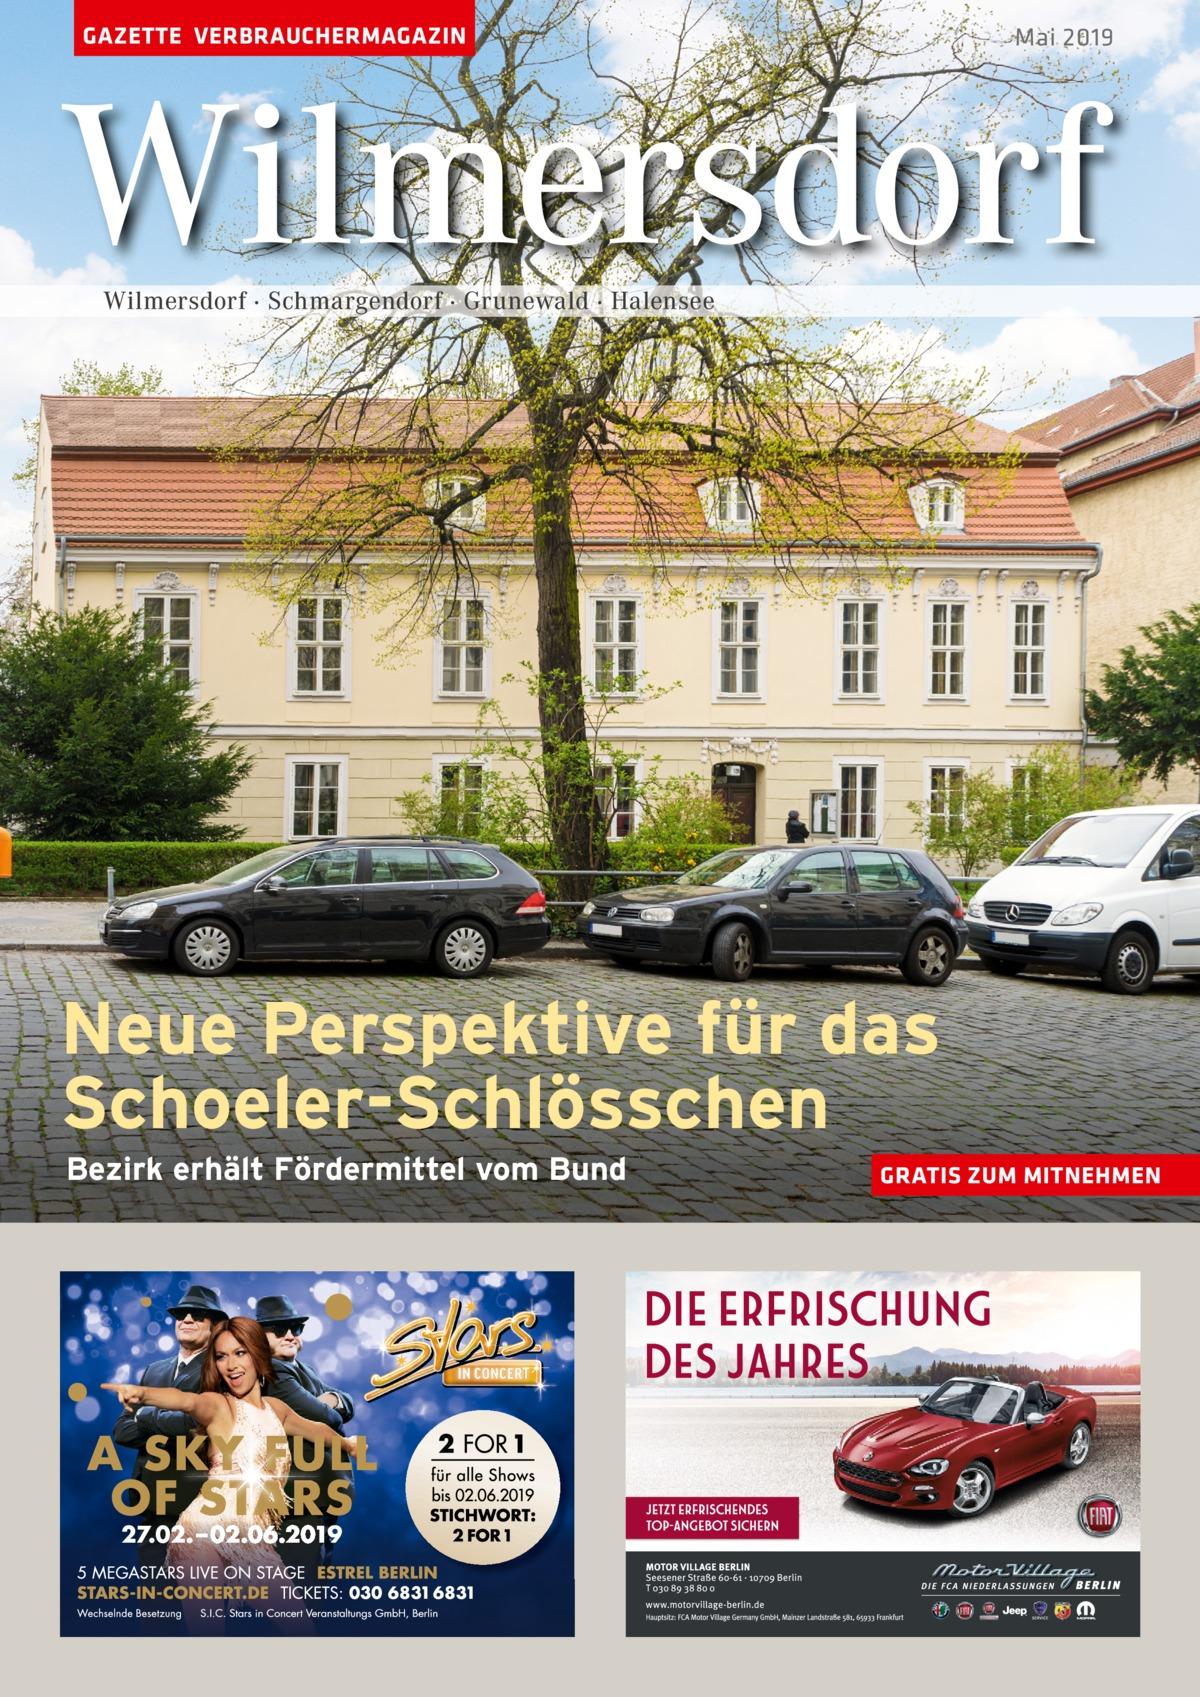 GAZETTE VERBRAUCHERMAGAZIN  Mai 2019  Wilmersdorf Wilmersdorf · Schmargendorf · Grunewald · Halensee  Neue Perspektive für das Schoeler-Schlösschen Bezirk erhält Fördermittel vom Bund  GRATIS ZUM MITNEHMEN